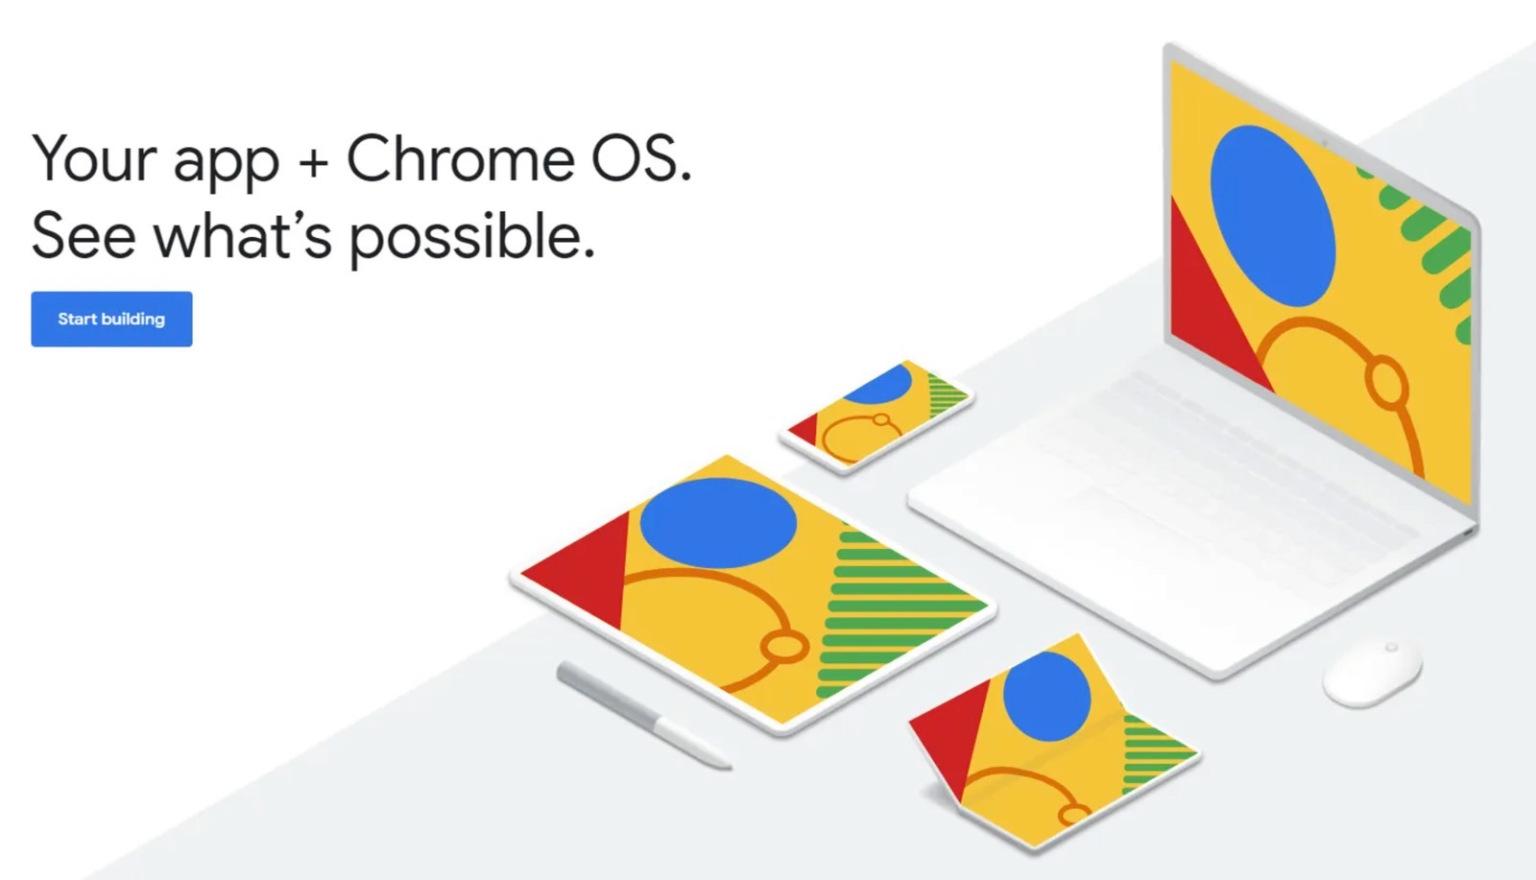 Dường như Google cũng đang phát triển chiếc điện thoại Pixel gập của riêng mình